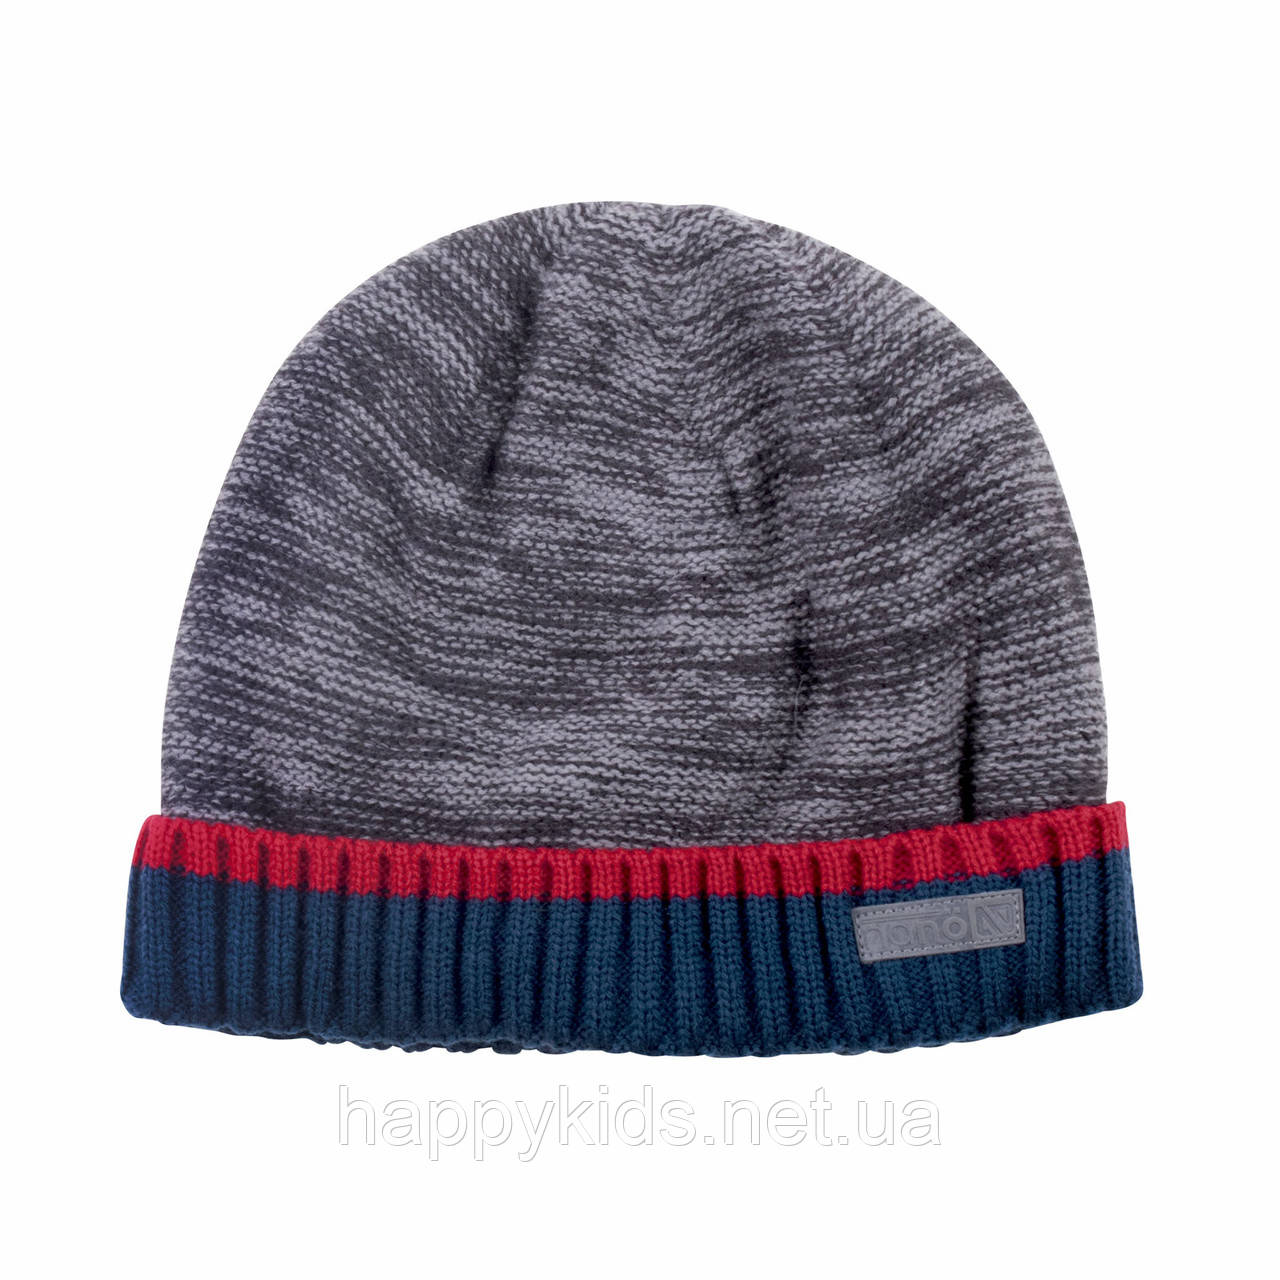 Зимняя детская шапка для мальчика Nano F18 TU 275 Deep Gray. Размер 7/12.